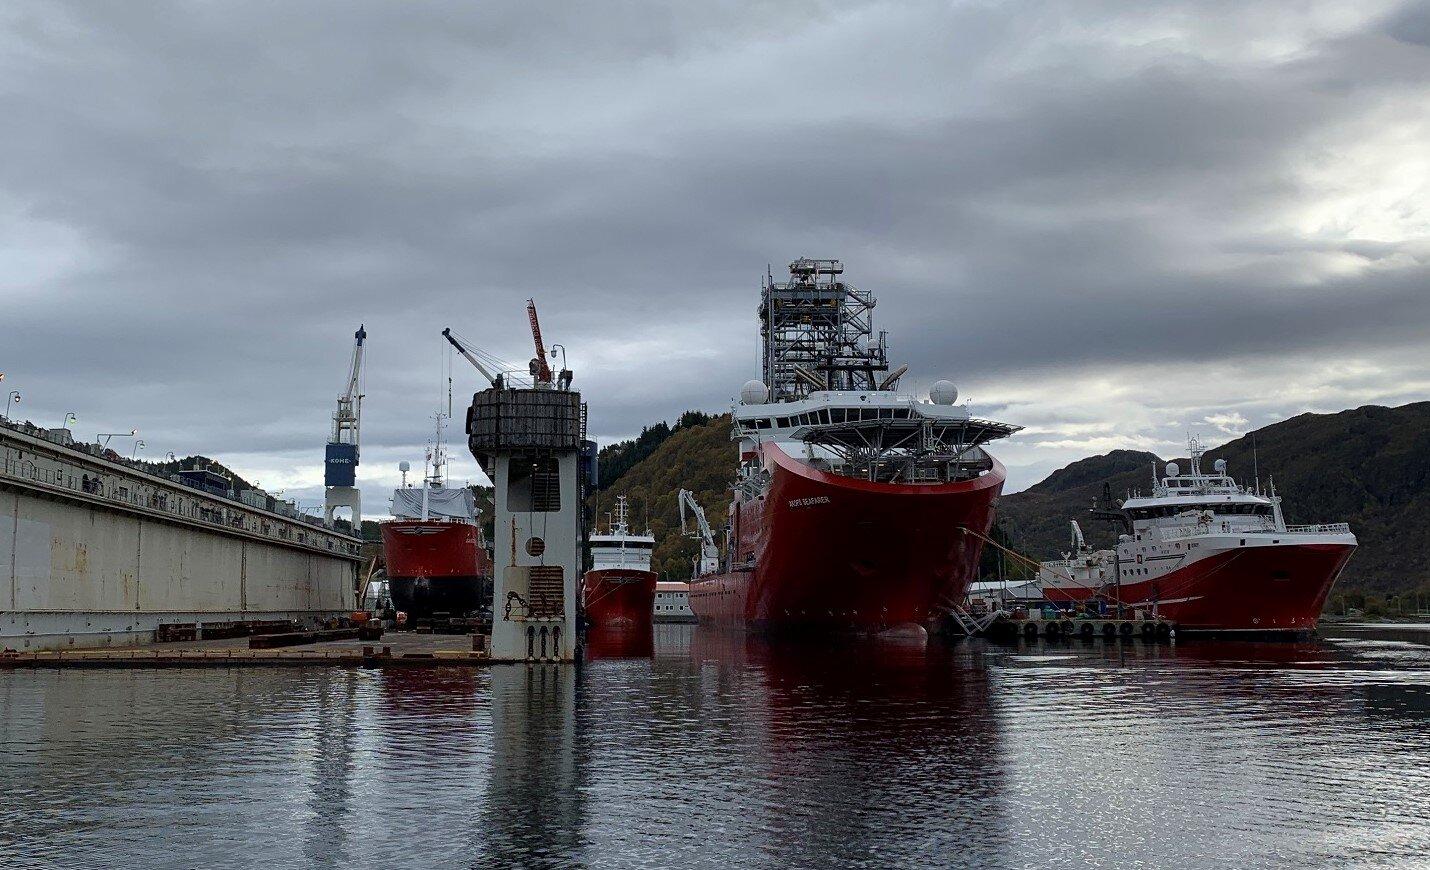 Alle fire prosjektasom ligg ved verftet i skrivande stund er tilkobla landstraum. Frå venstre: Sanco Sea, Sanco Sky, AKOFS Seafarer og Remøy.